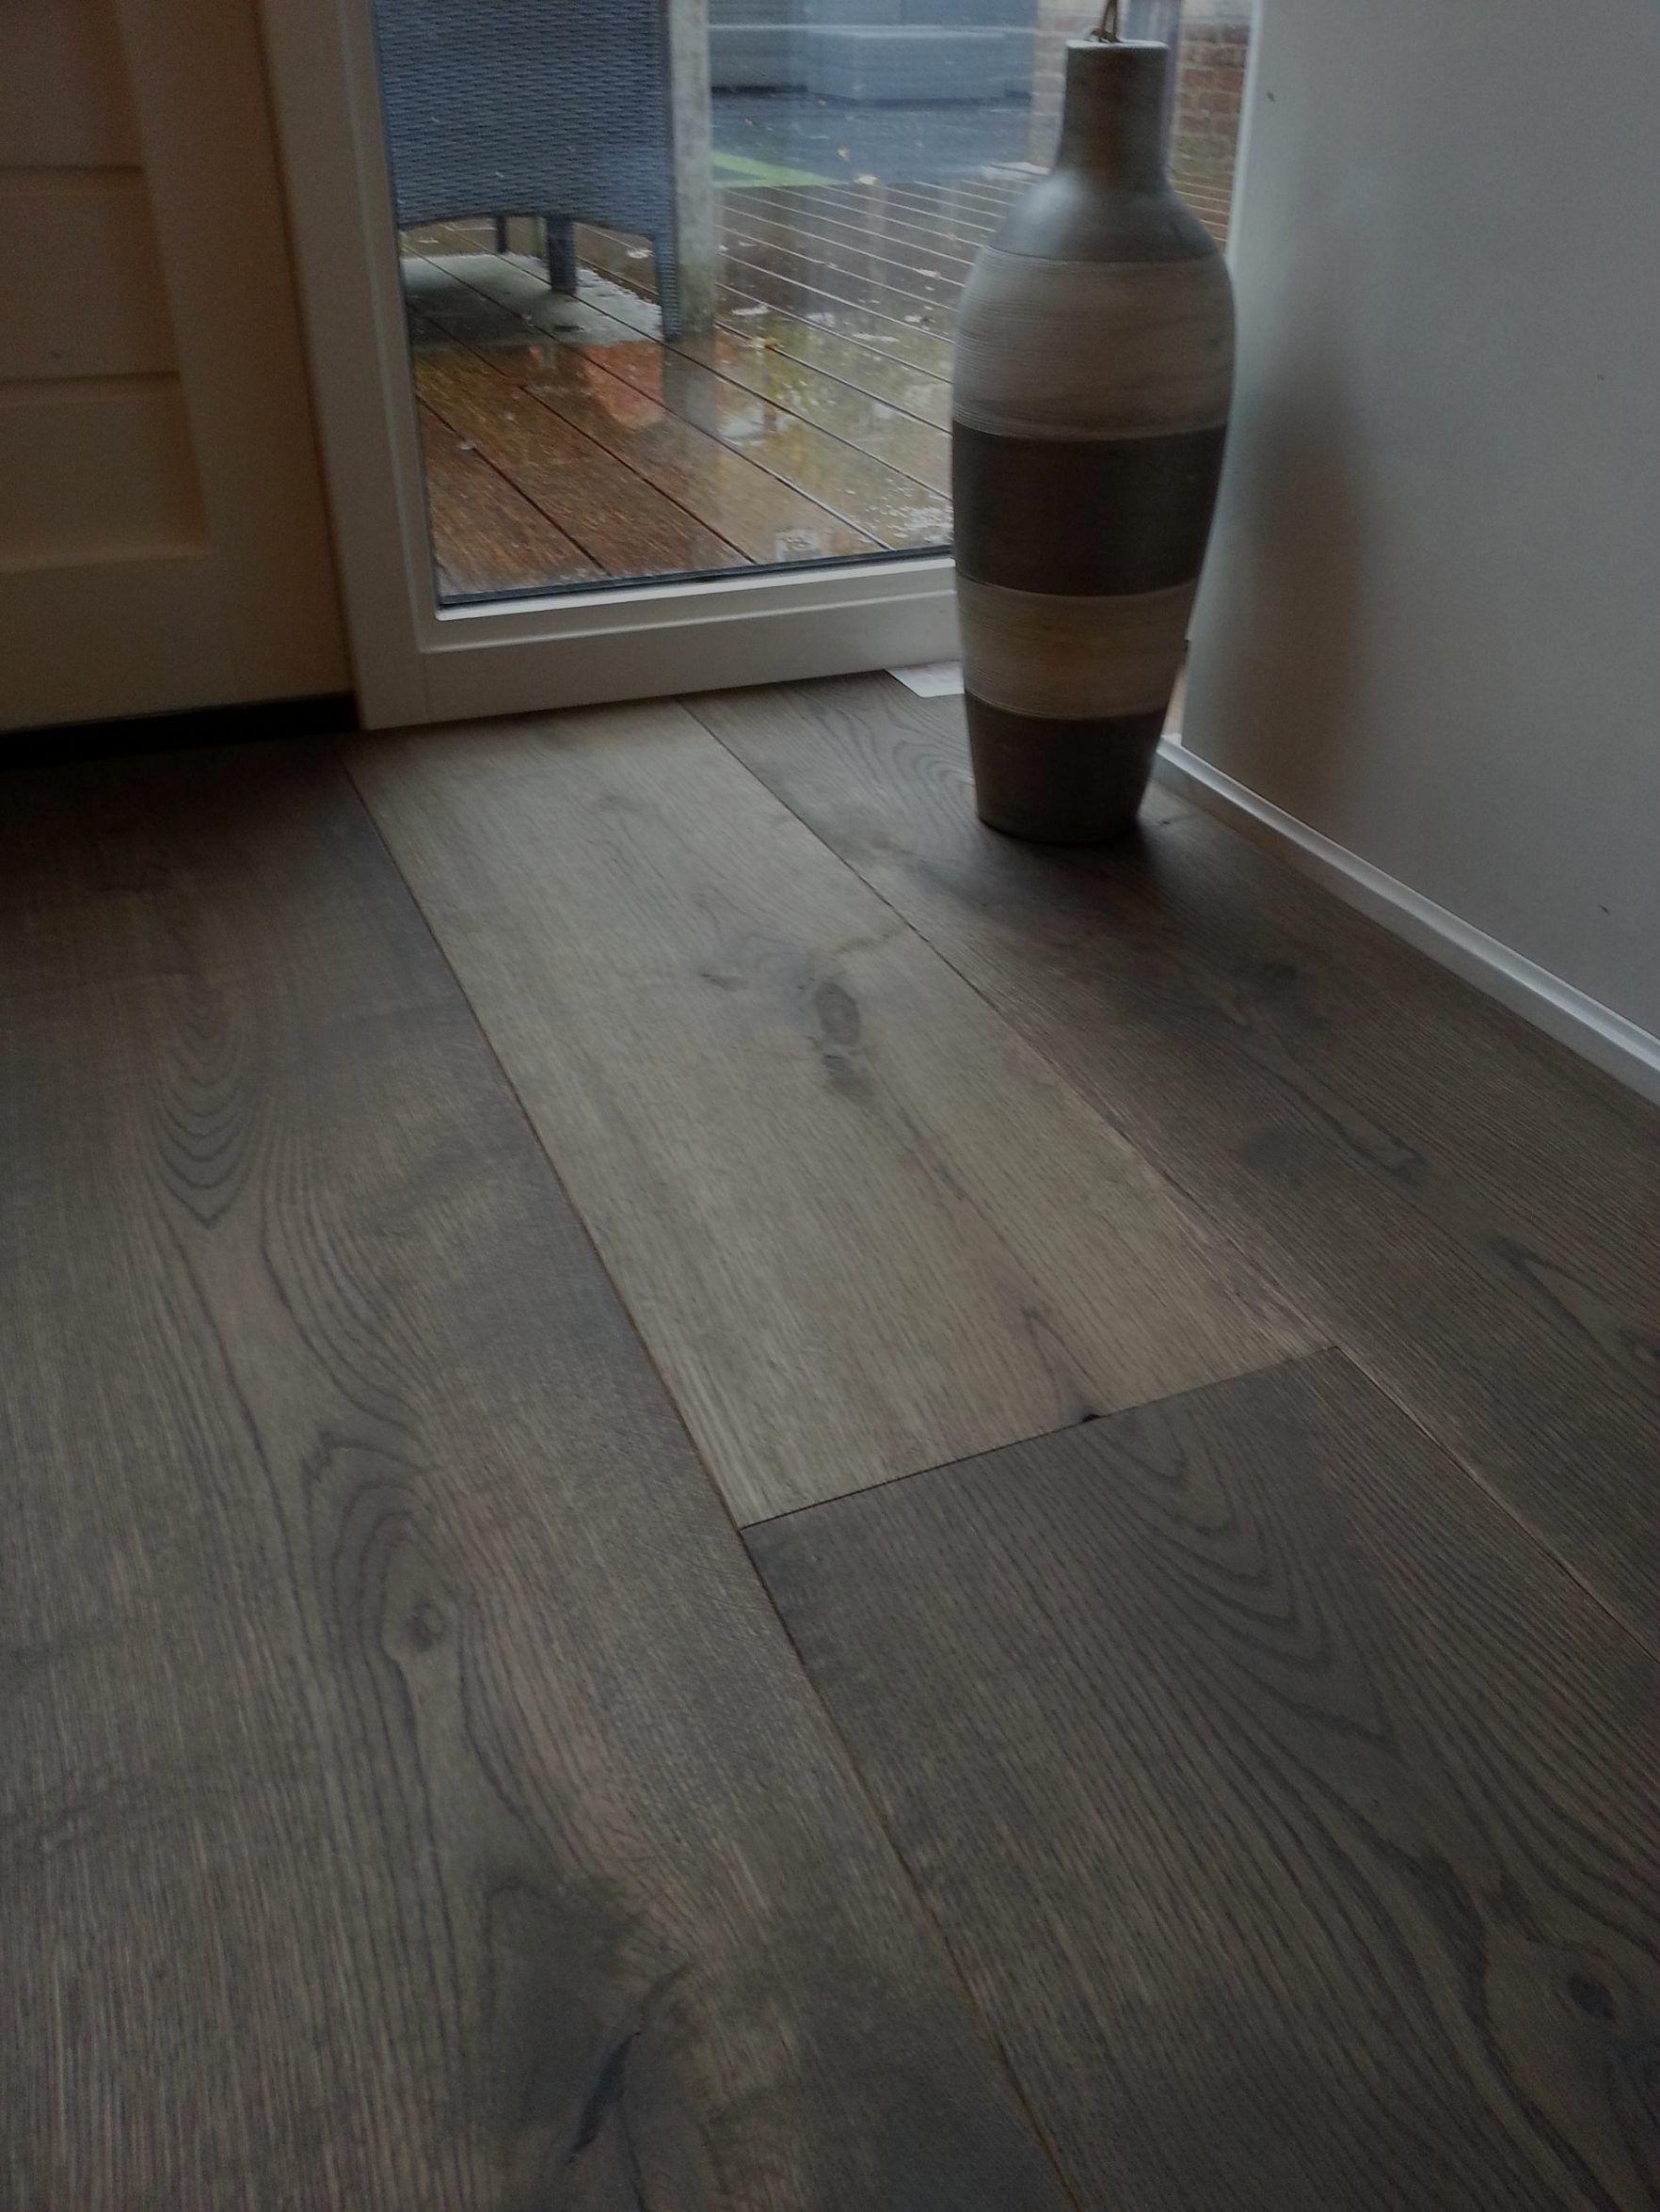 houten vloer gerookt grijs google zoeken vloeren pinterest